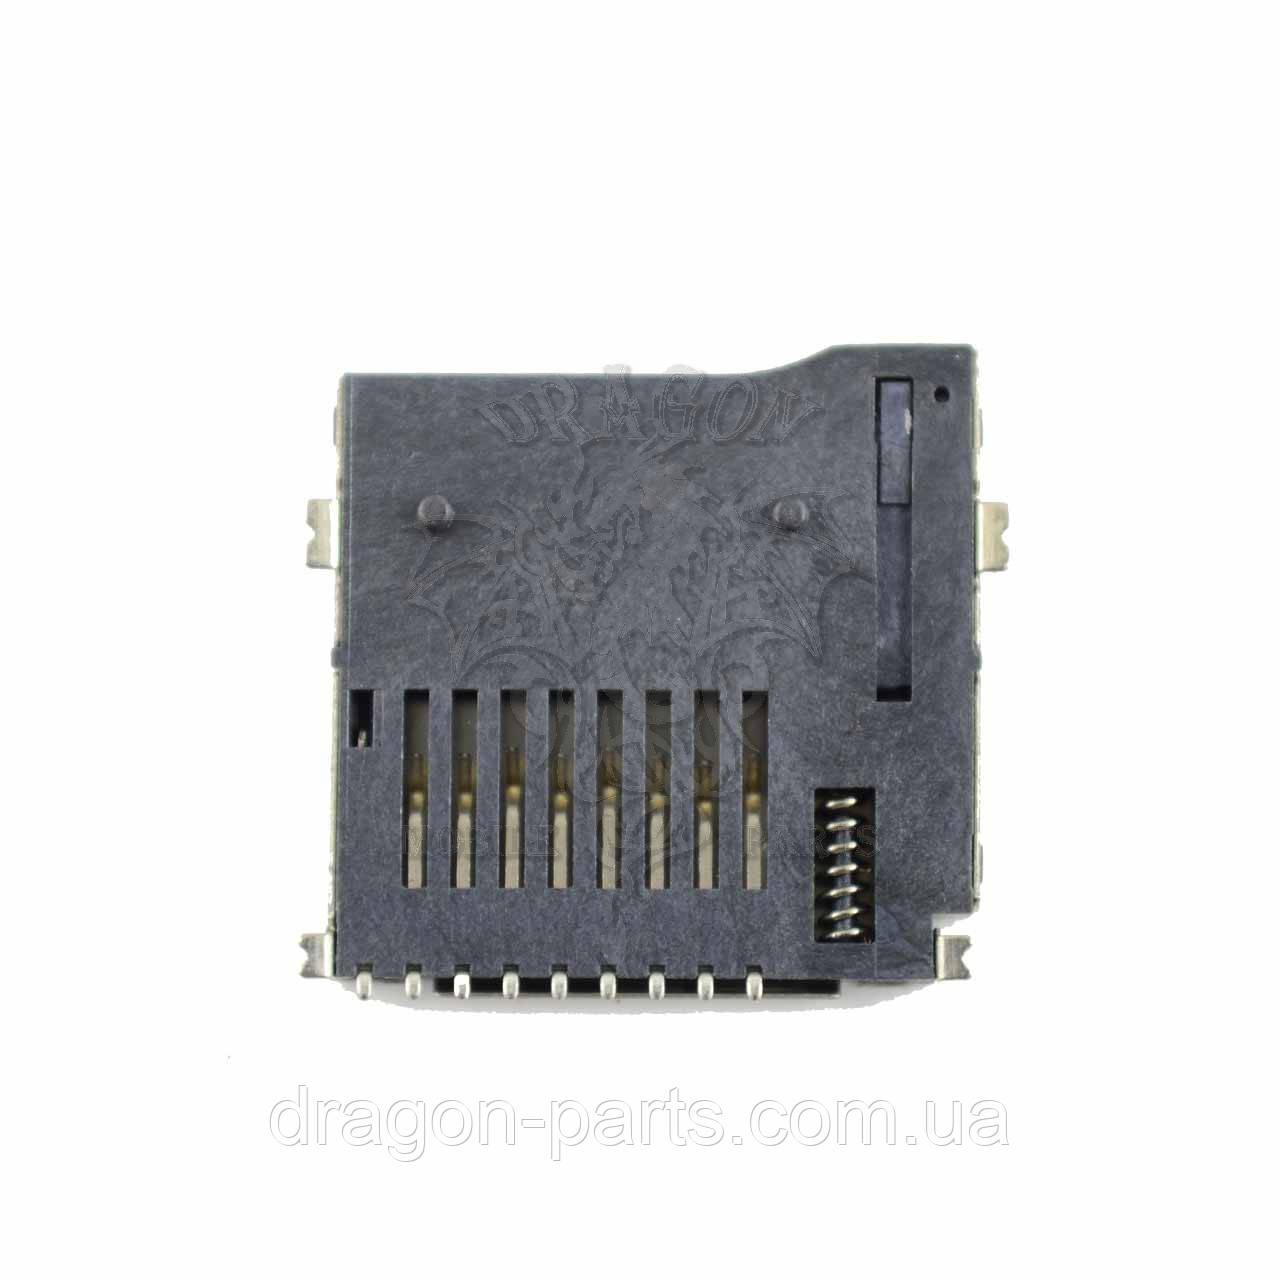 Роз'єм для картки пам'яті (конектор) Nomi Corsa 3 LTE C070030, оригінал